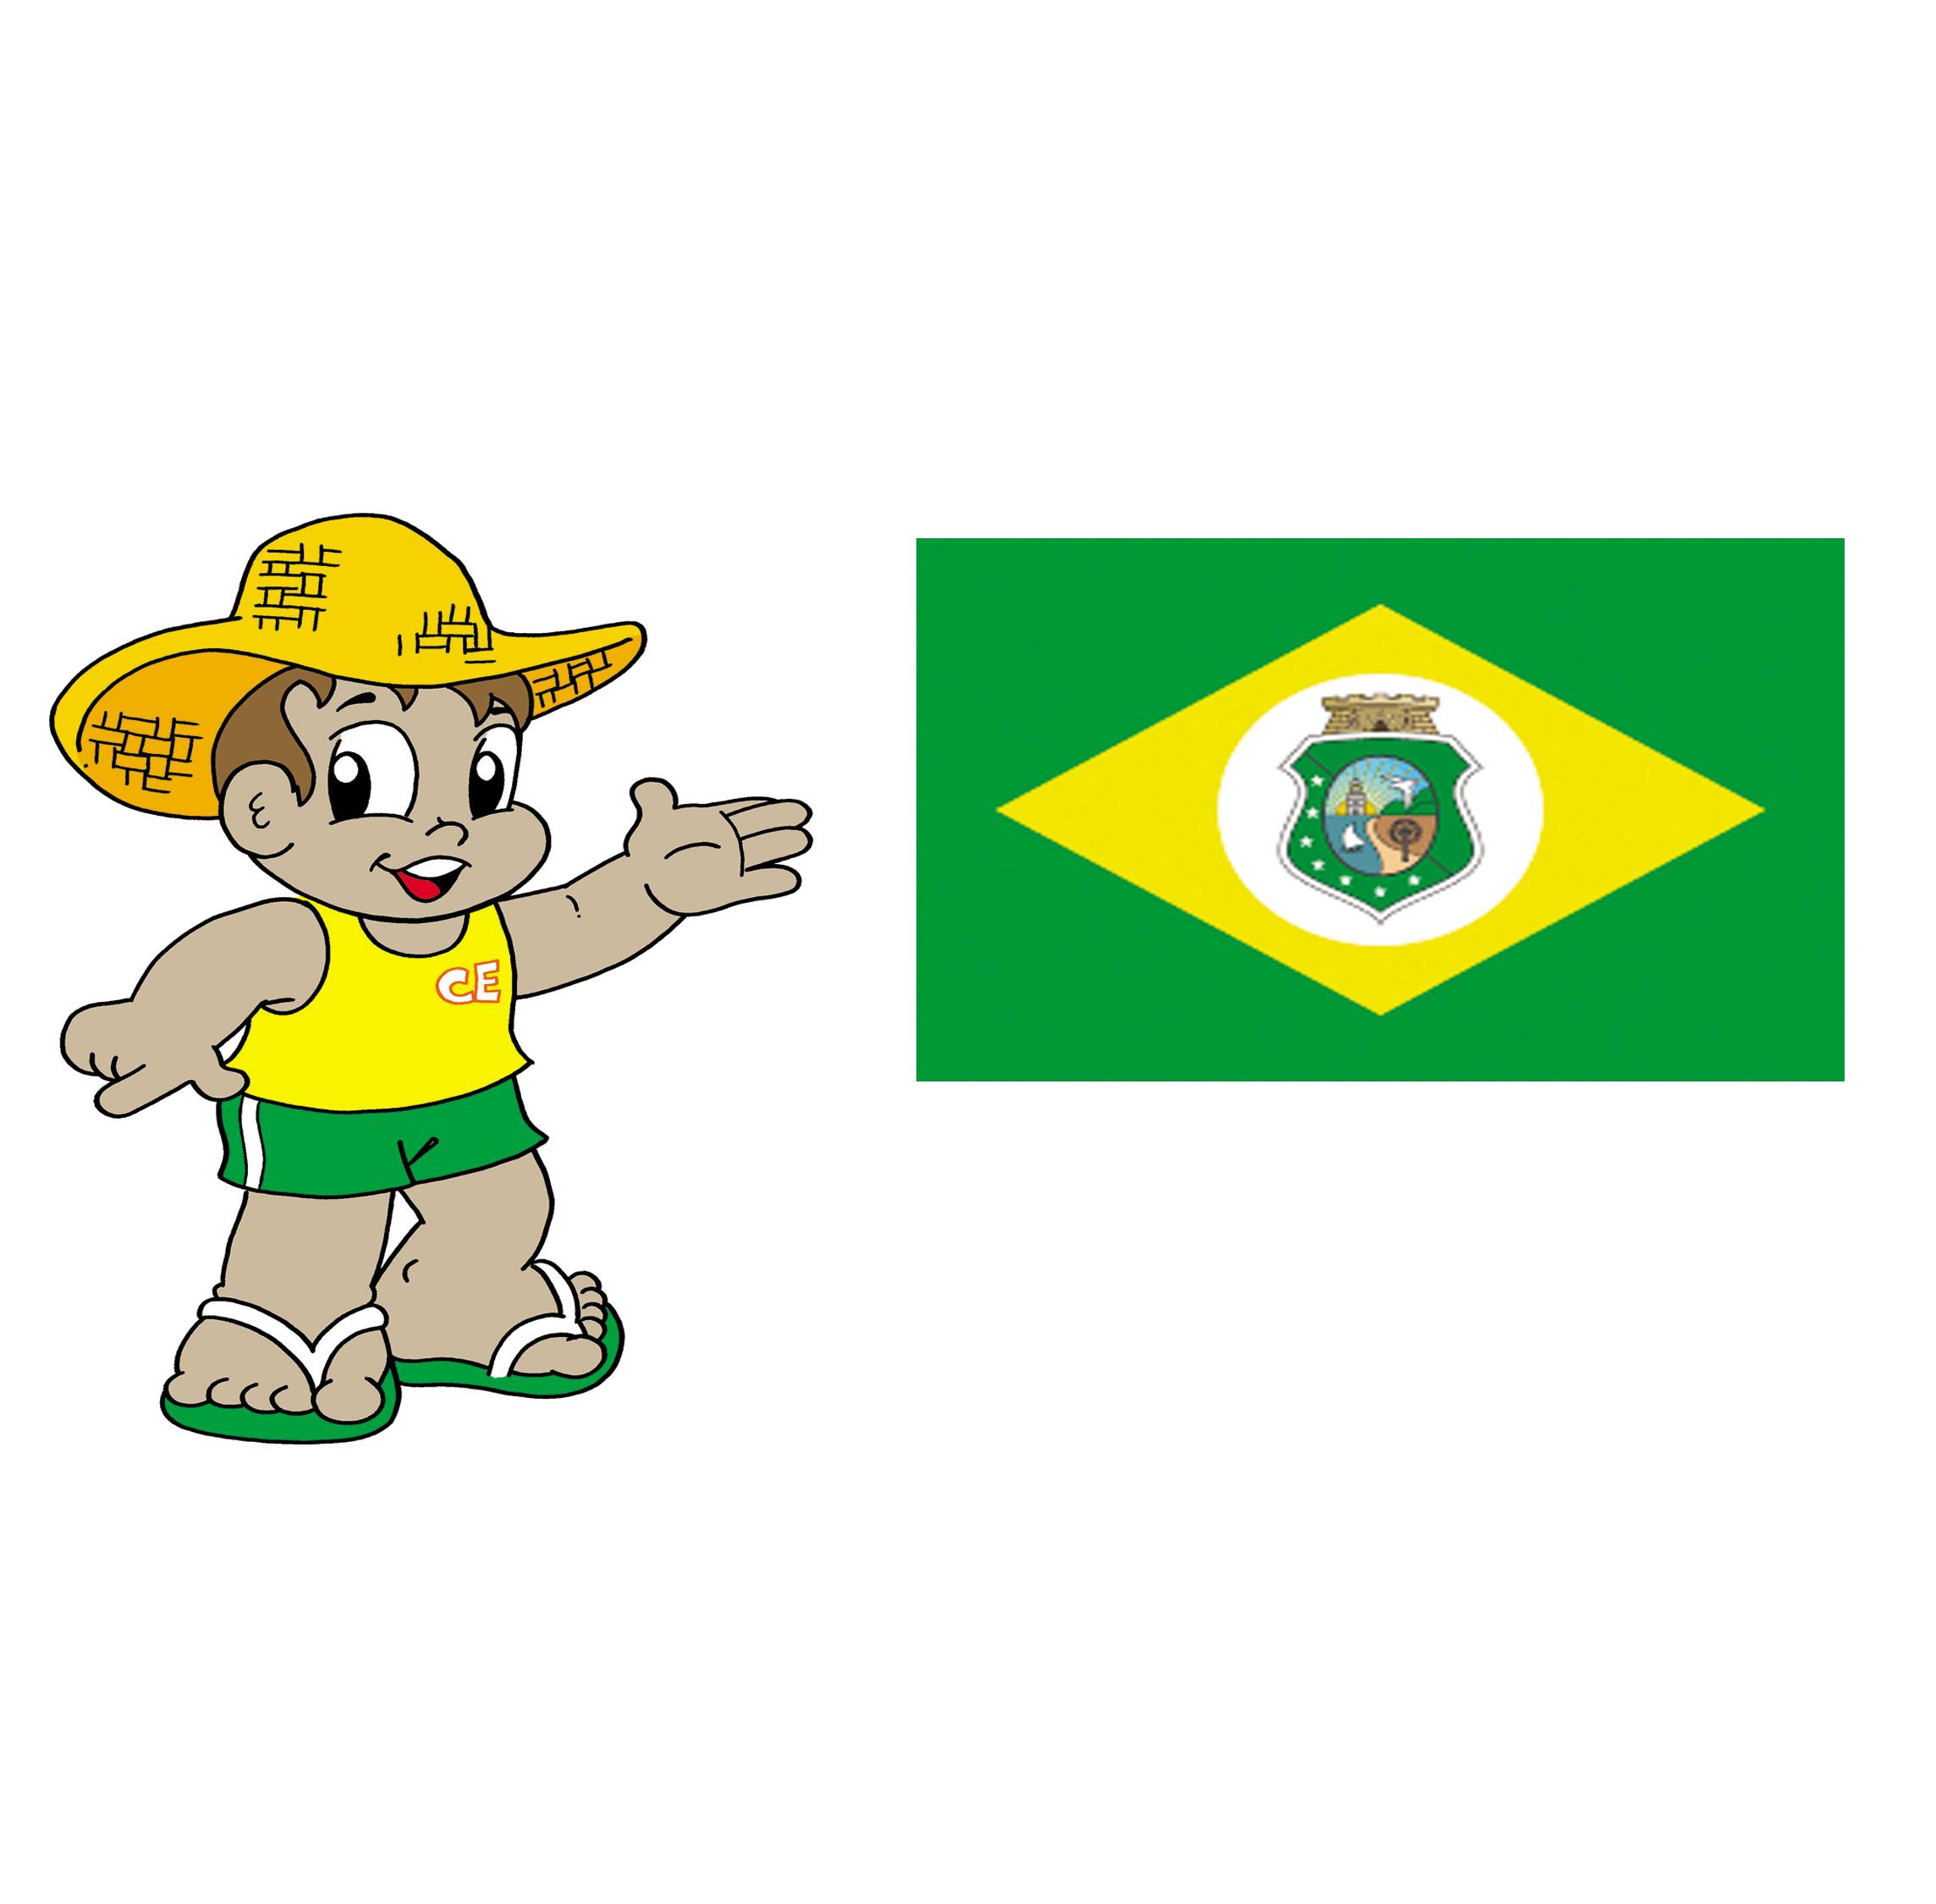 Cearazinho